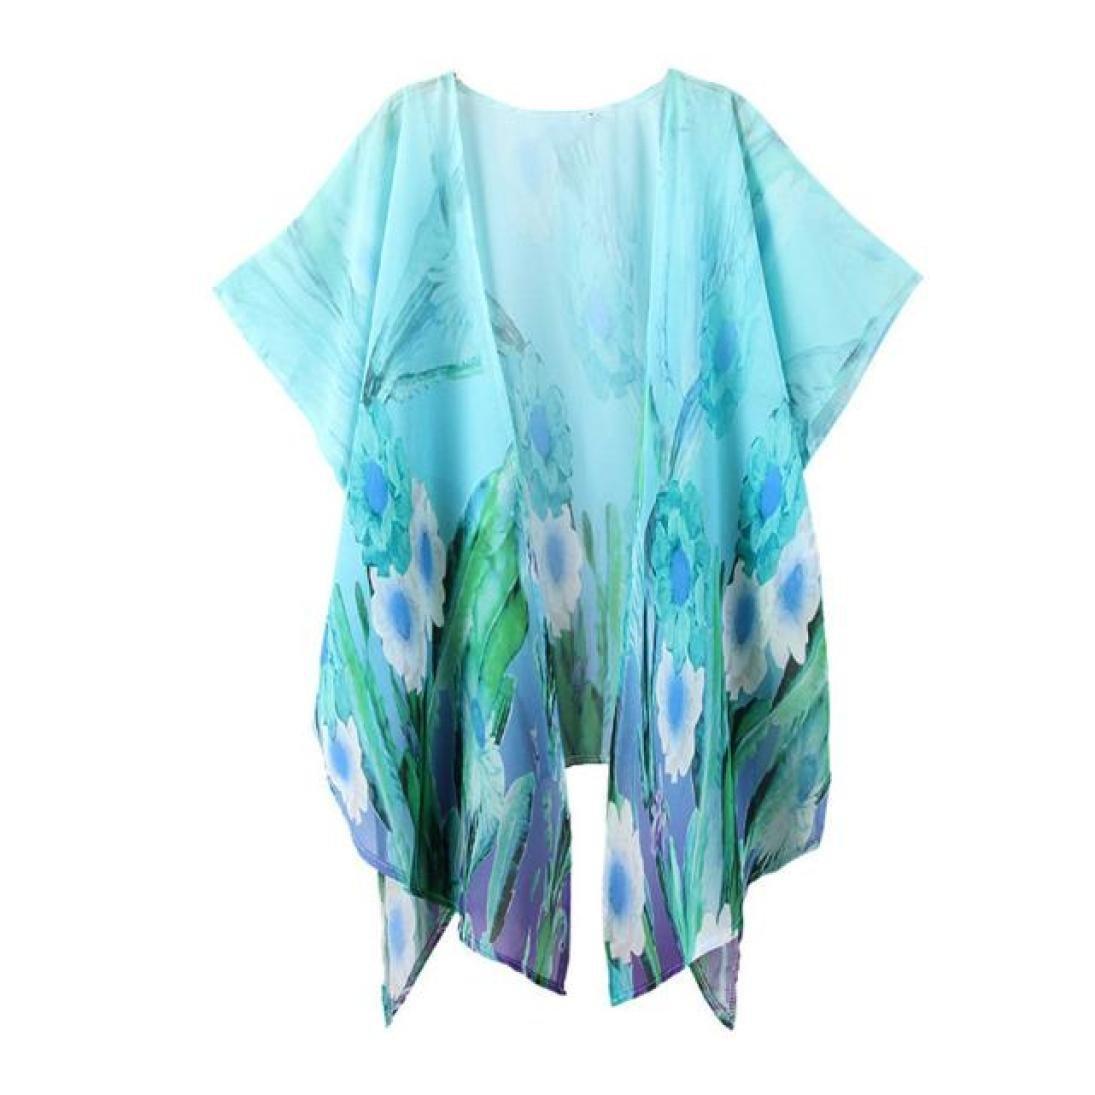 DEELIN Blusa Holgada de la Rebeca del chiffón de la Rebeca del Kimono de la impresión de Las Mujeres de la Moda del Verano (S, Azul): Amazon.es: Ropa y ...